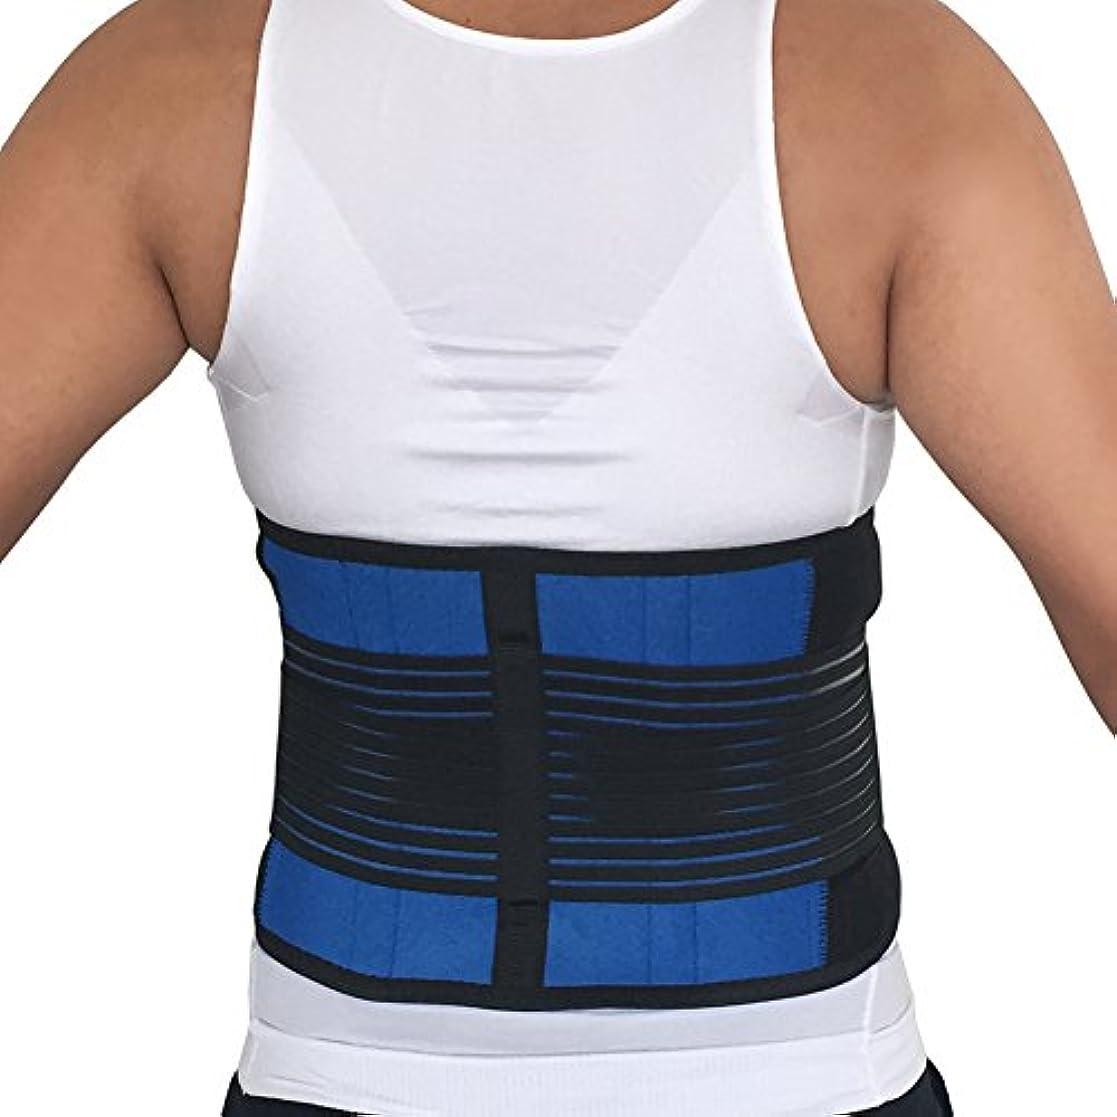 沈黙ホイストゴージャスkakuma 腰痛 ベルト 腰用 サポーター 腰保護 腰サポートベルト ギックリ腰 腰痛予防 腰椎 コルセット 大きいサイズ 広幅 スポーツ用 介護用 男性 女性 Sから4XLまで